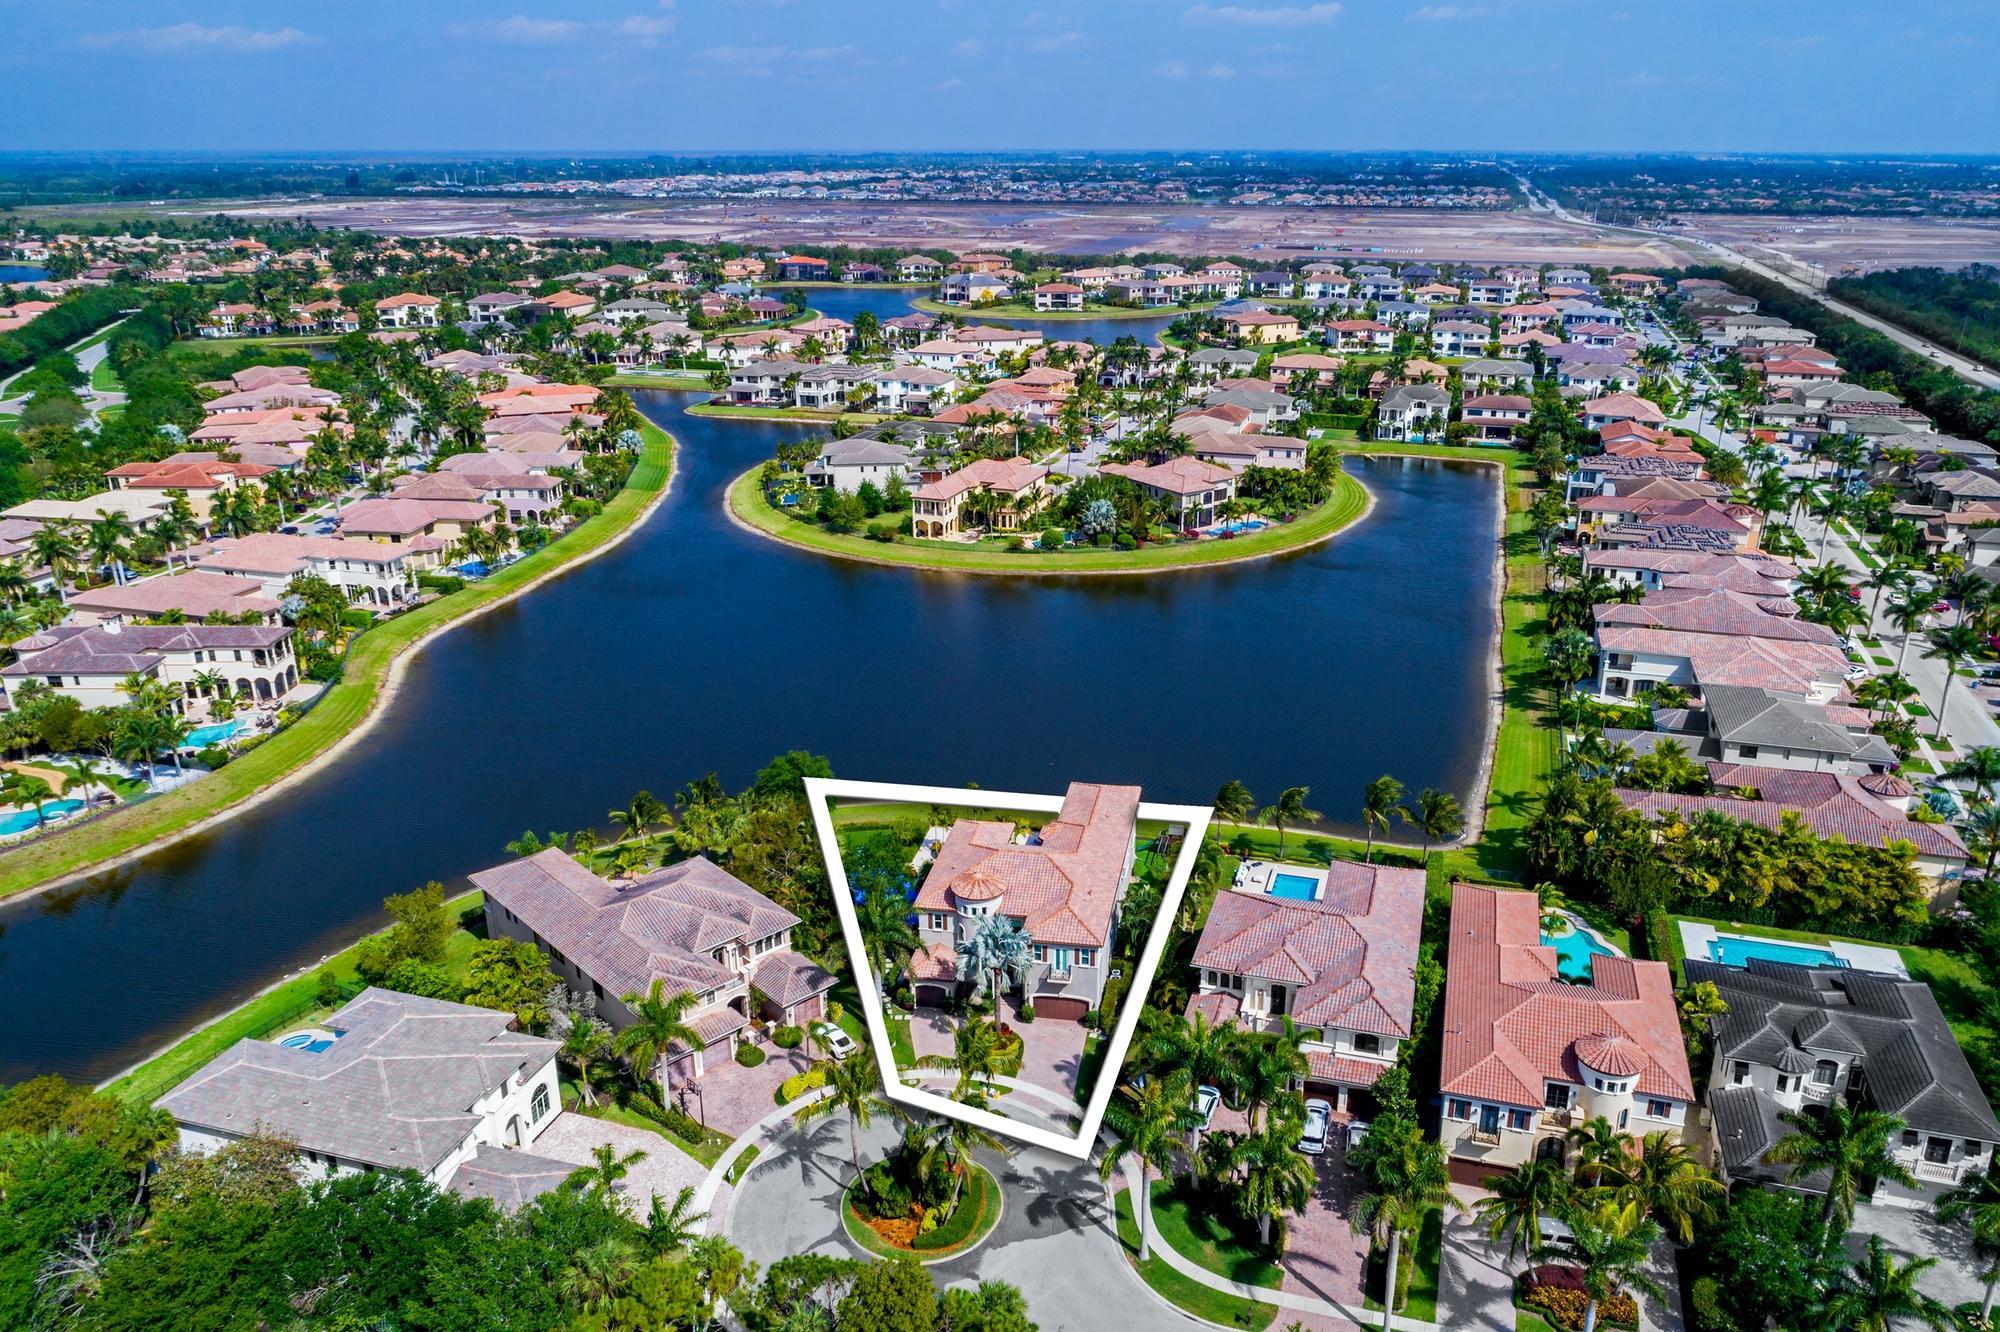 17887 Cadena Drive Boca Raton, FL 33496